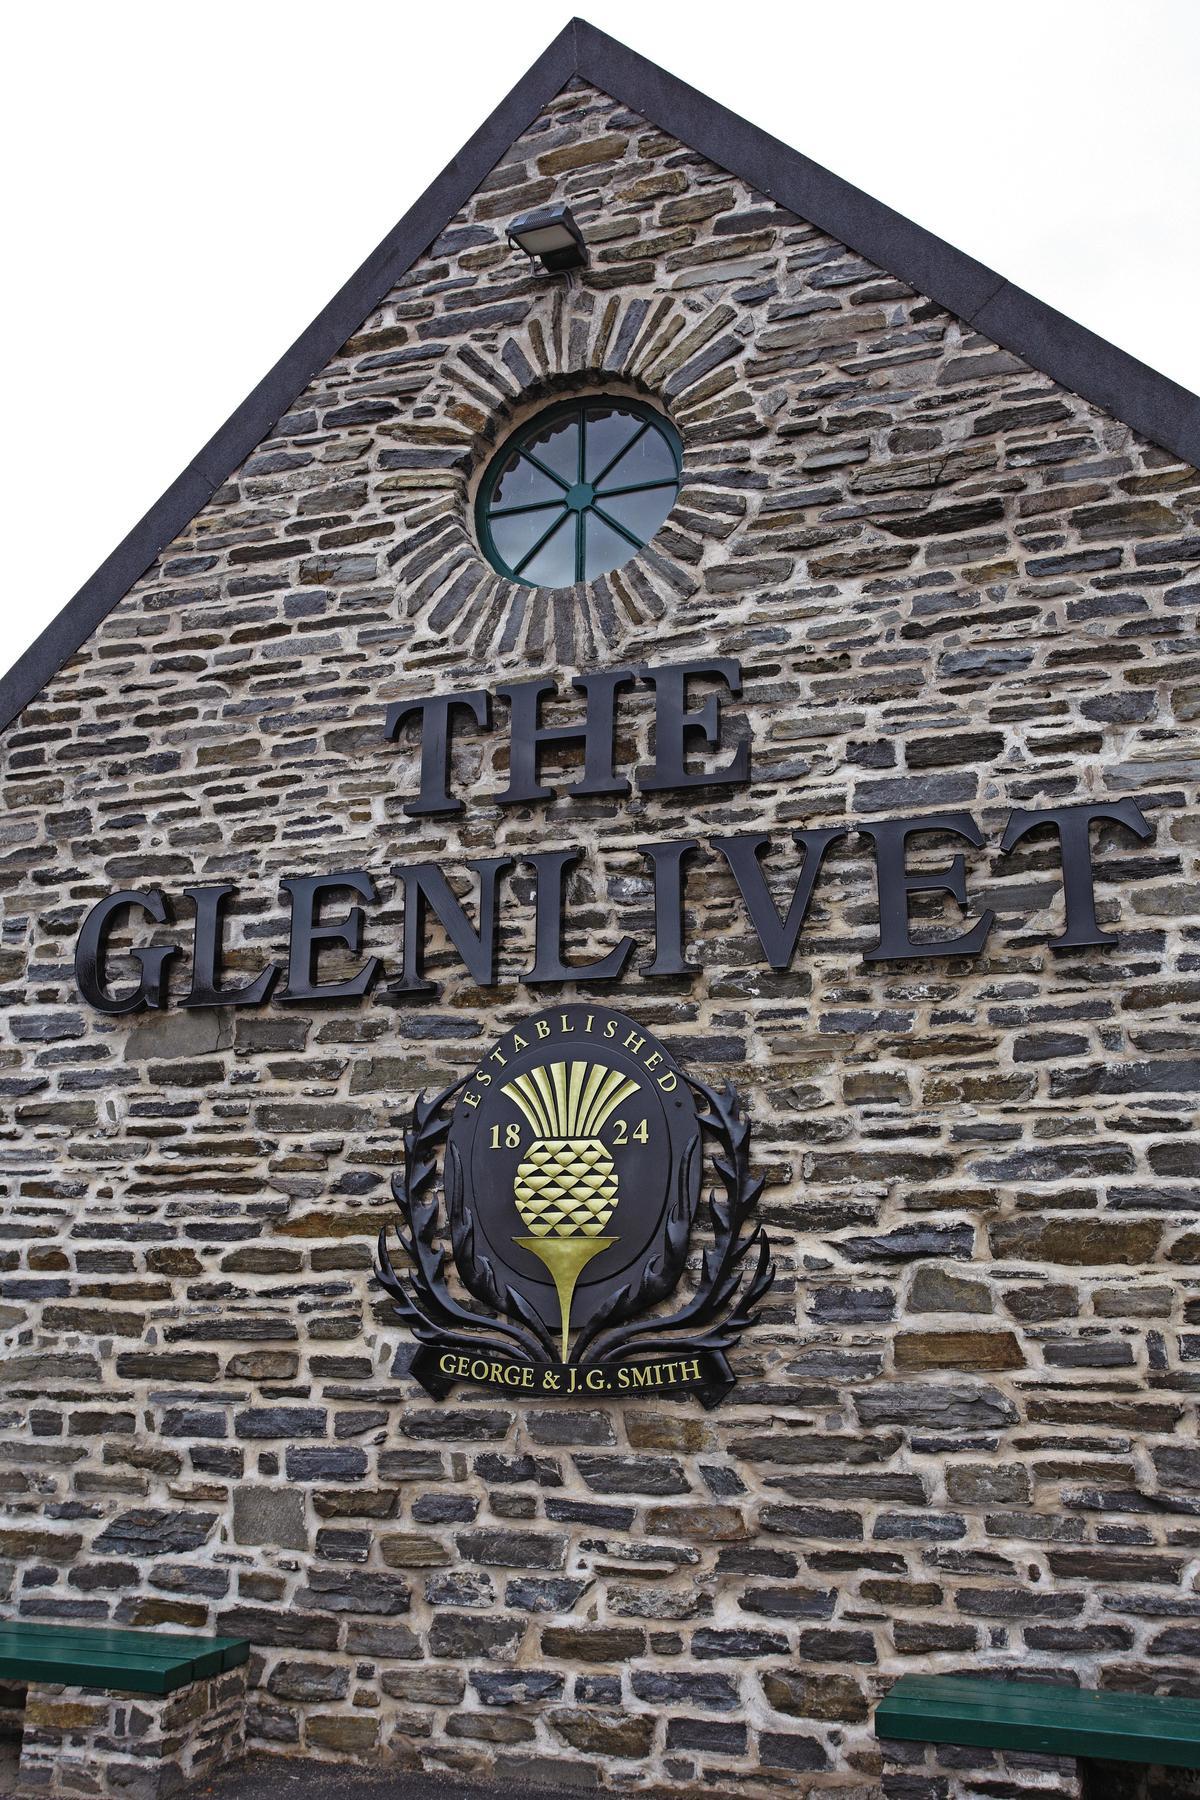 傳統蘇格蘭石板裝飾的牆面上,除了酒廠名之外,像「鳳梨」的圖案其實是蘇格蘭的薊花。